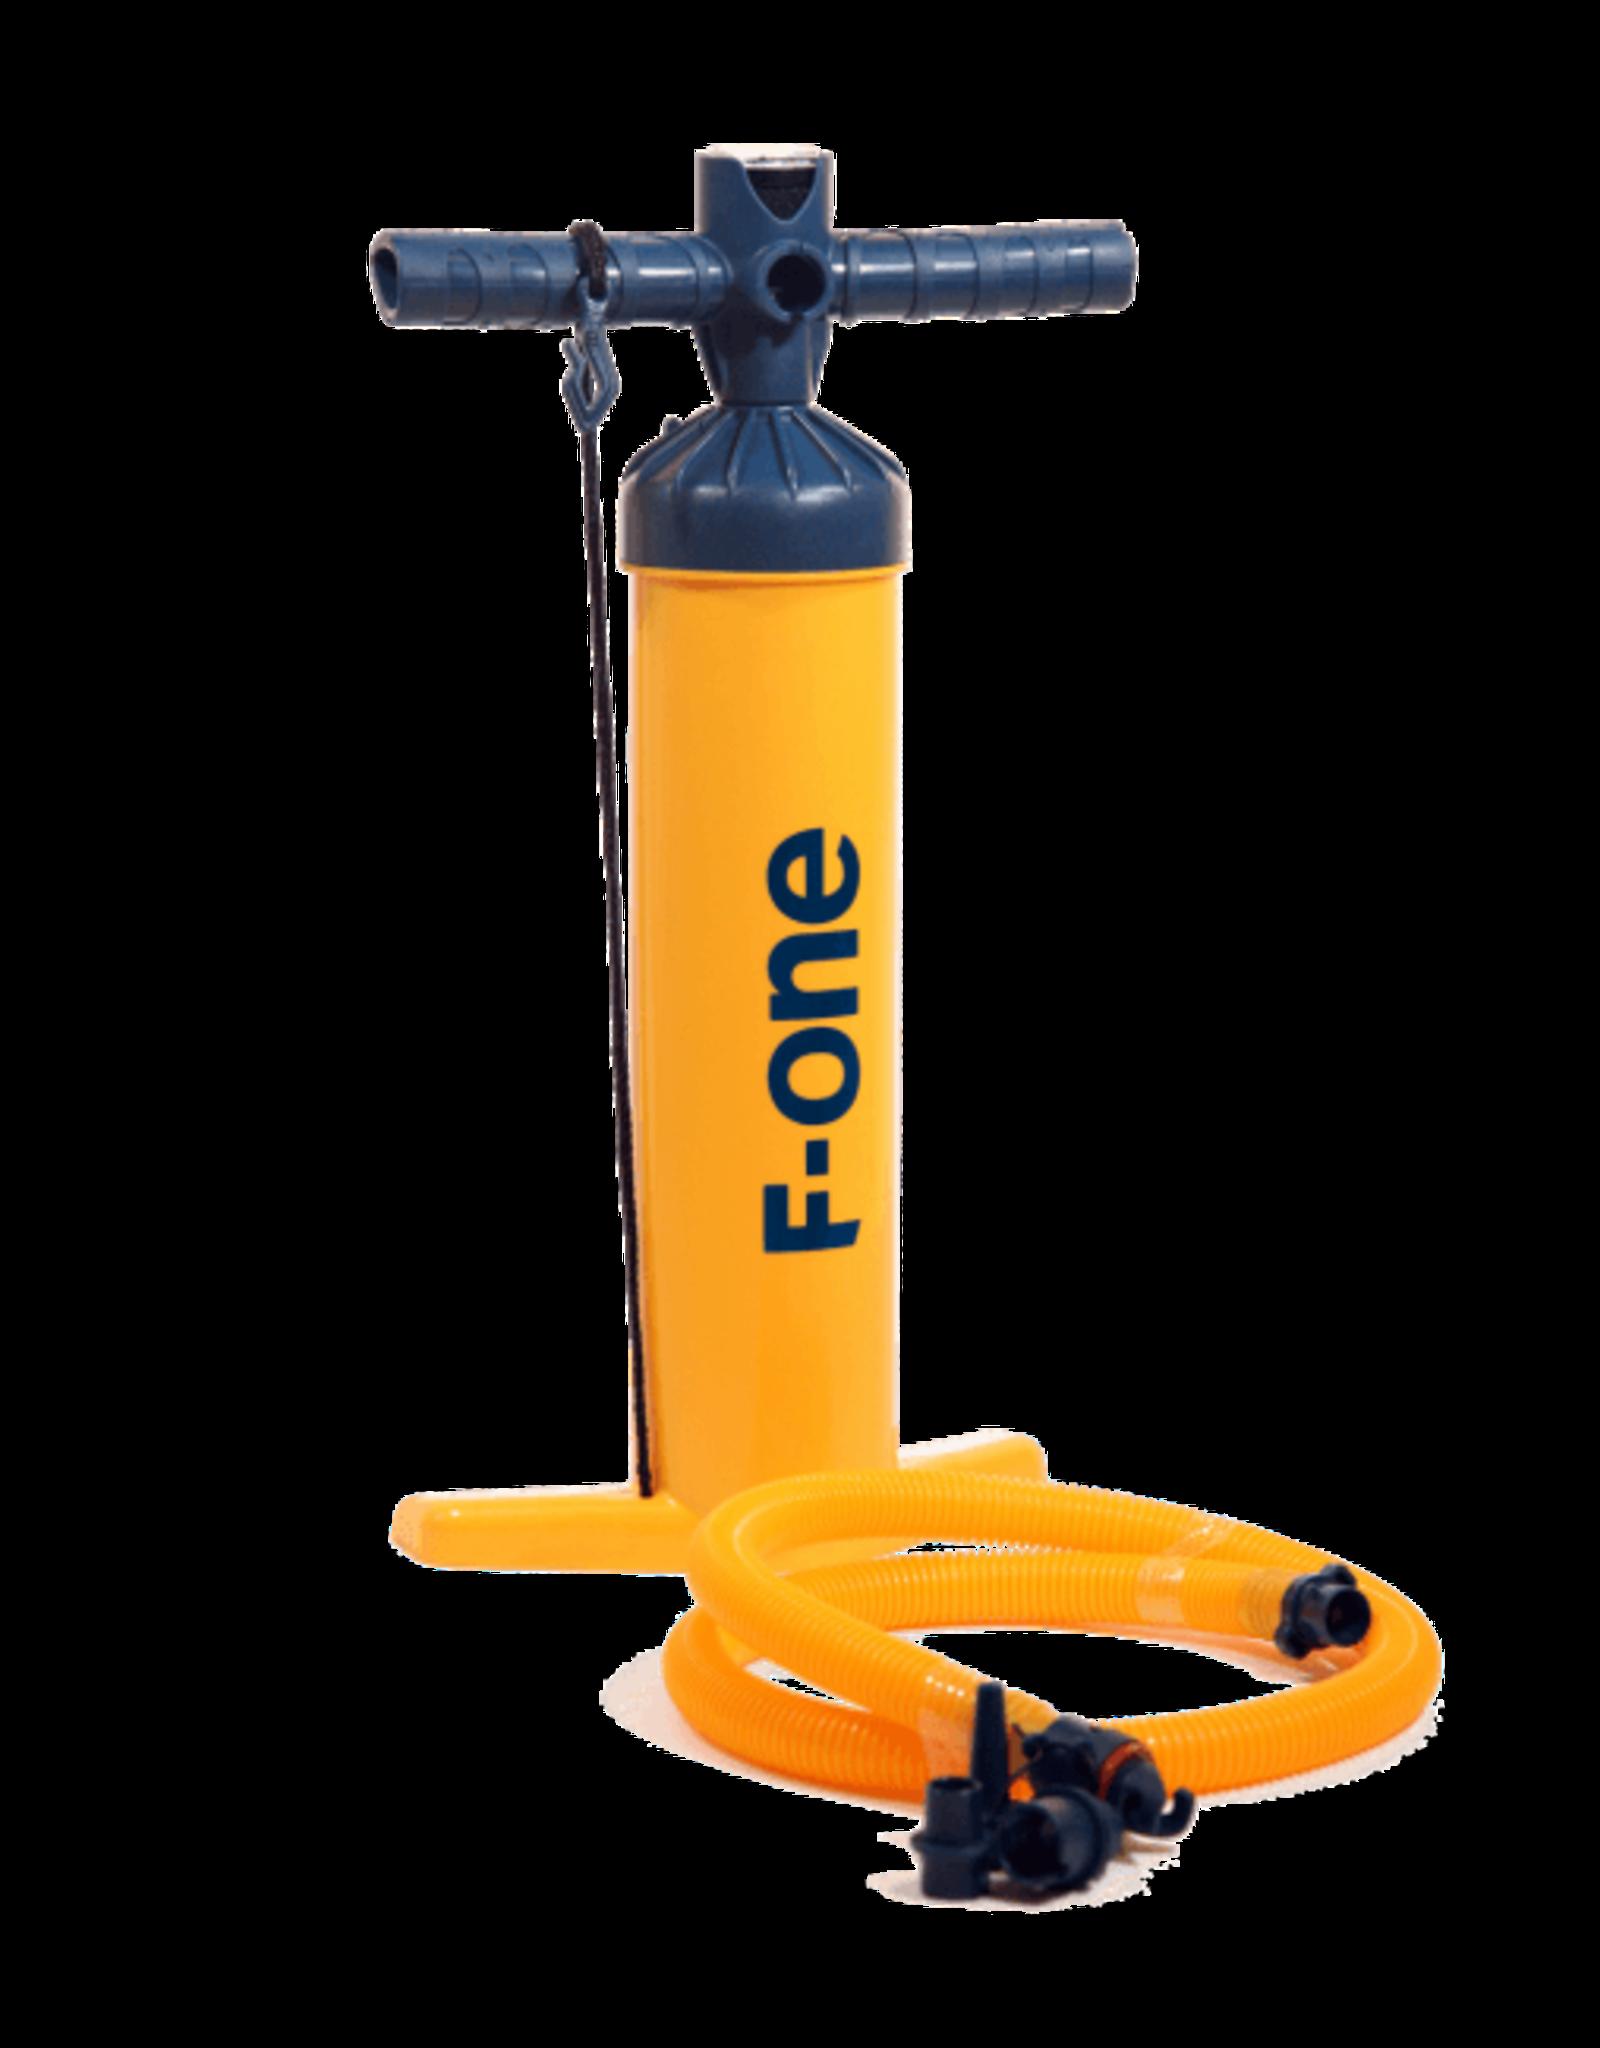 F-One F-One Pump Big Air